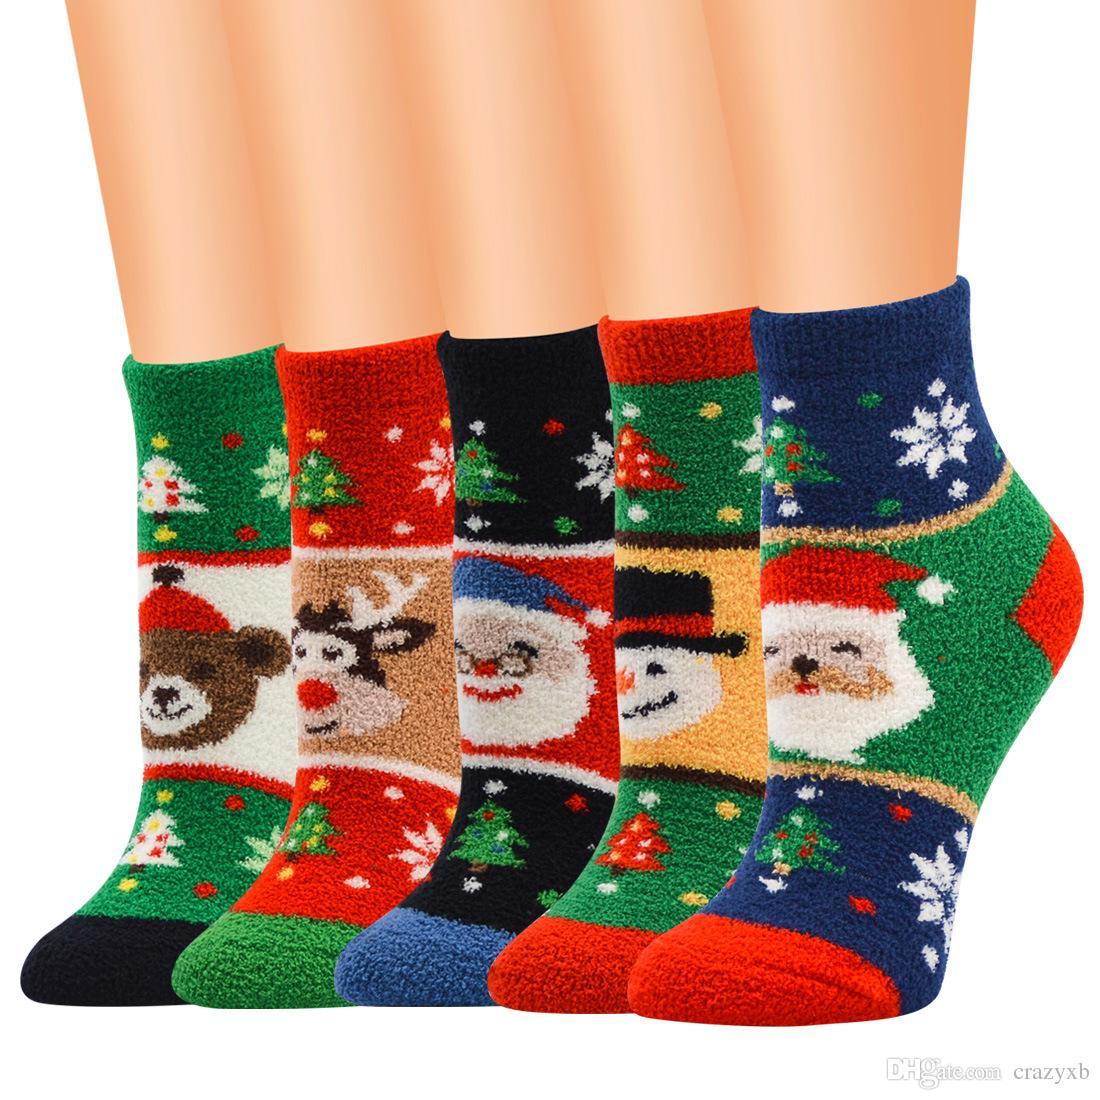 Büyük indirim! Kadın çorapları bayan noel hediyesi çorap moda kış sevimli yün 3d bayanlar çılgın çorap kadın termal sıcak hayvan çorap